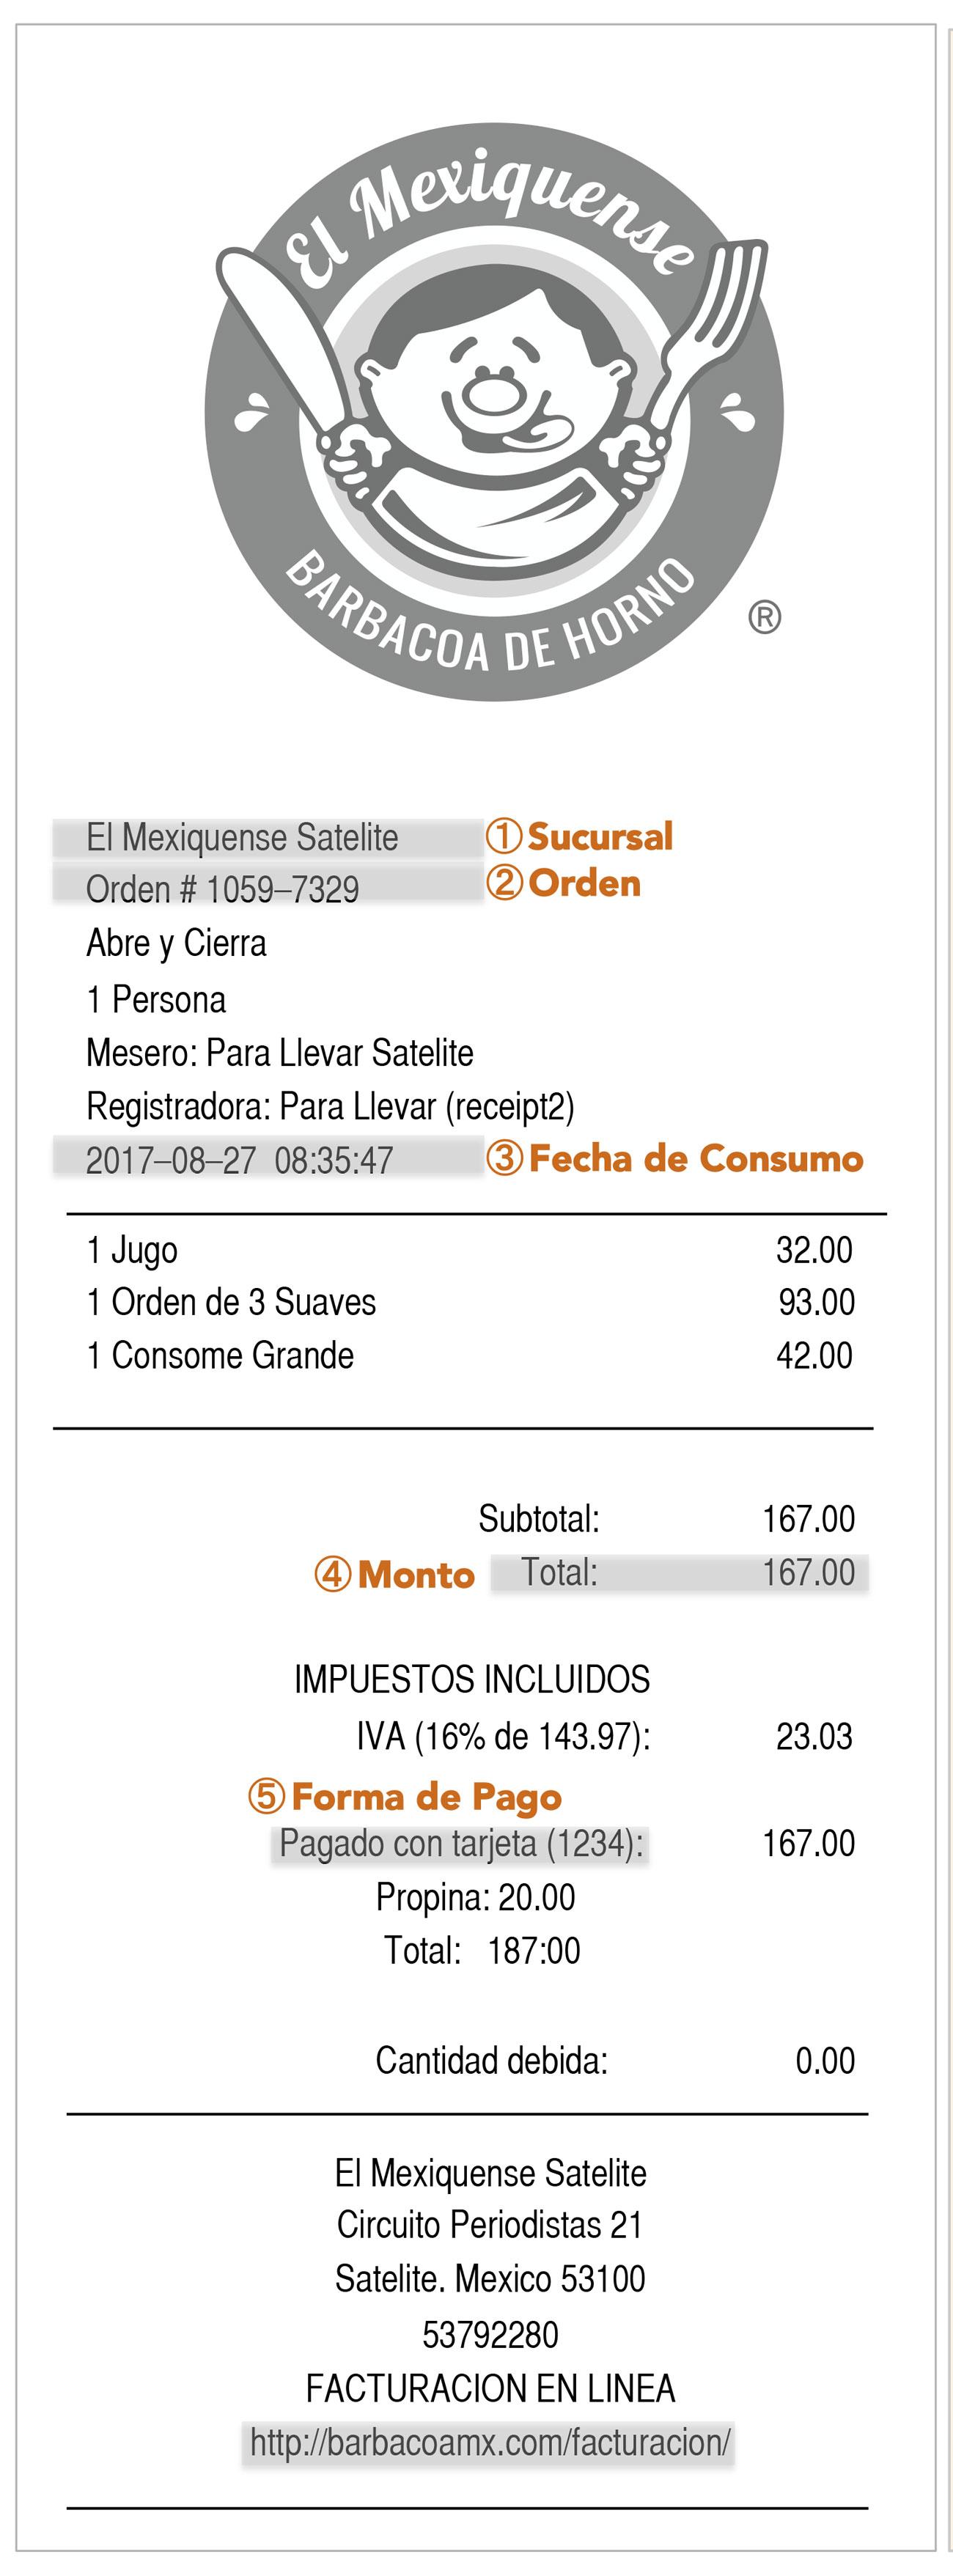 Ticket_elmexiquense